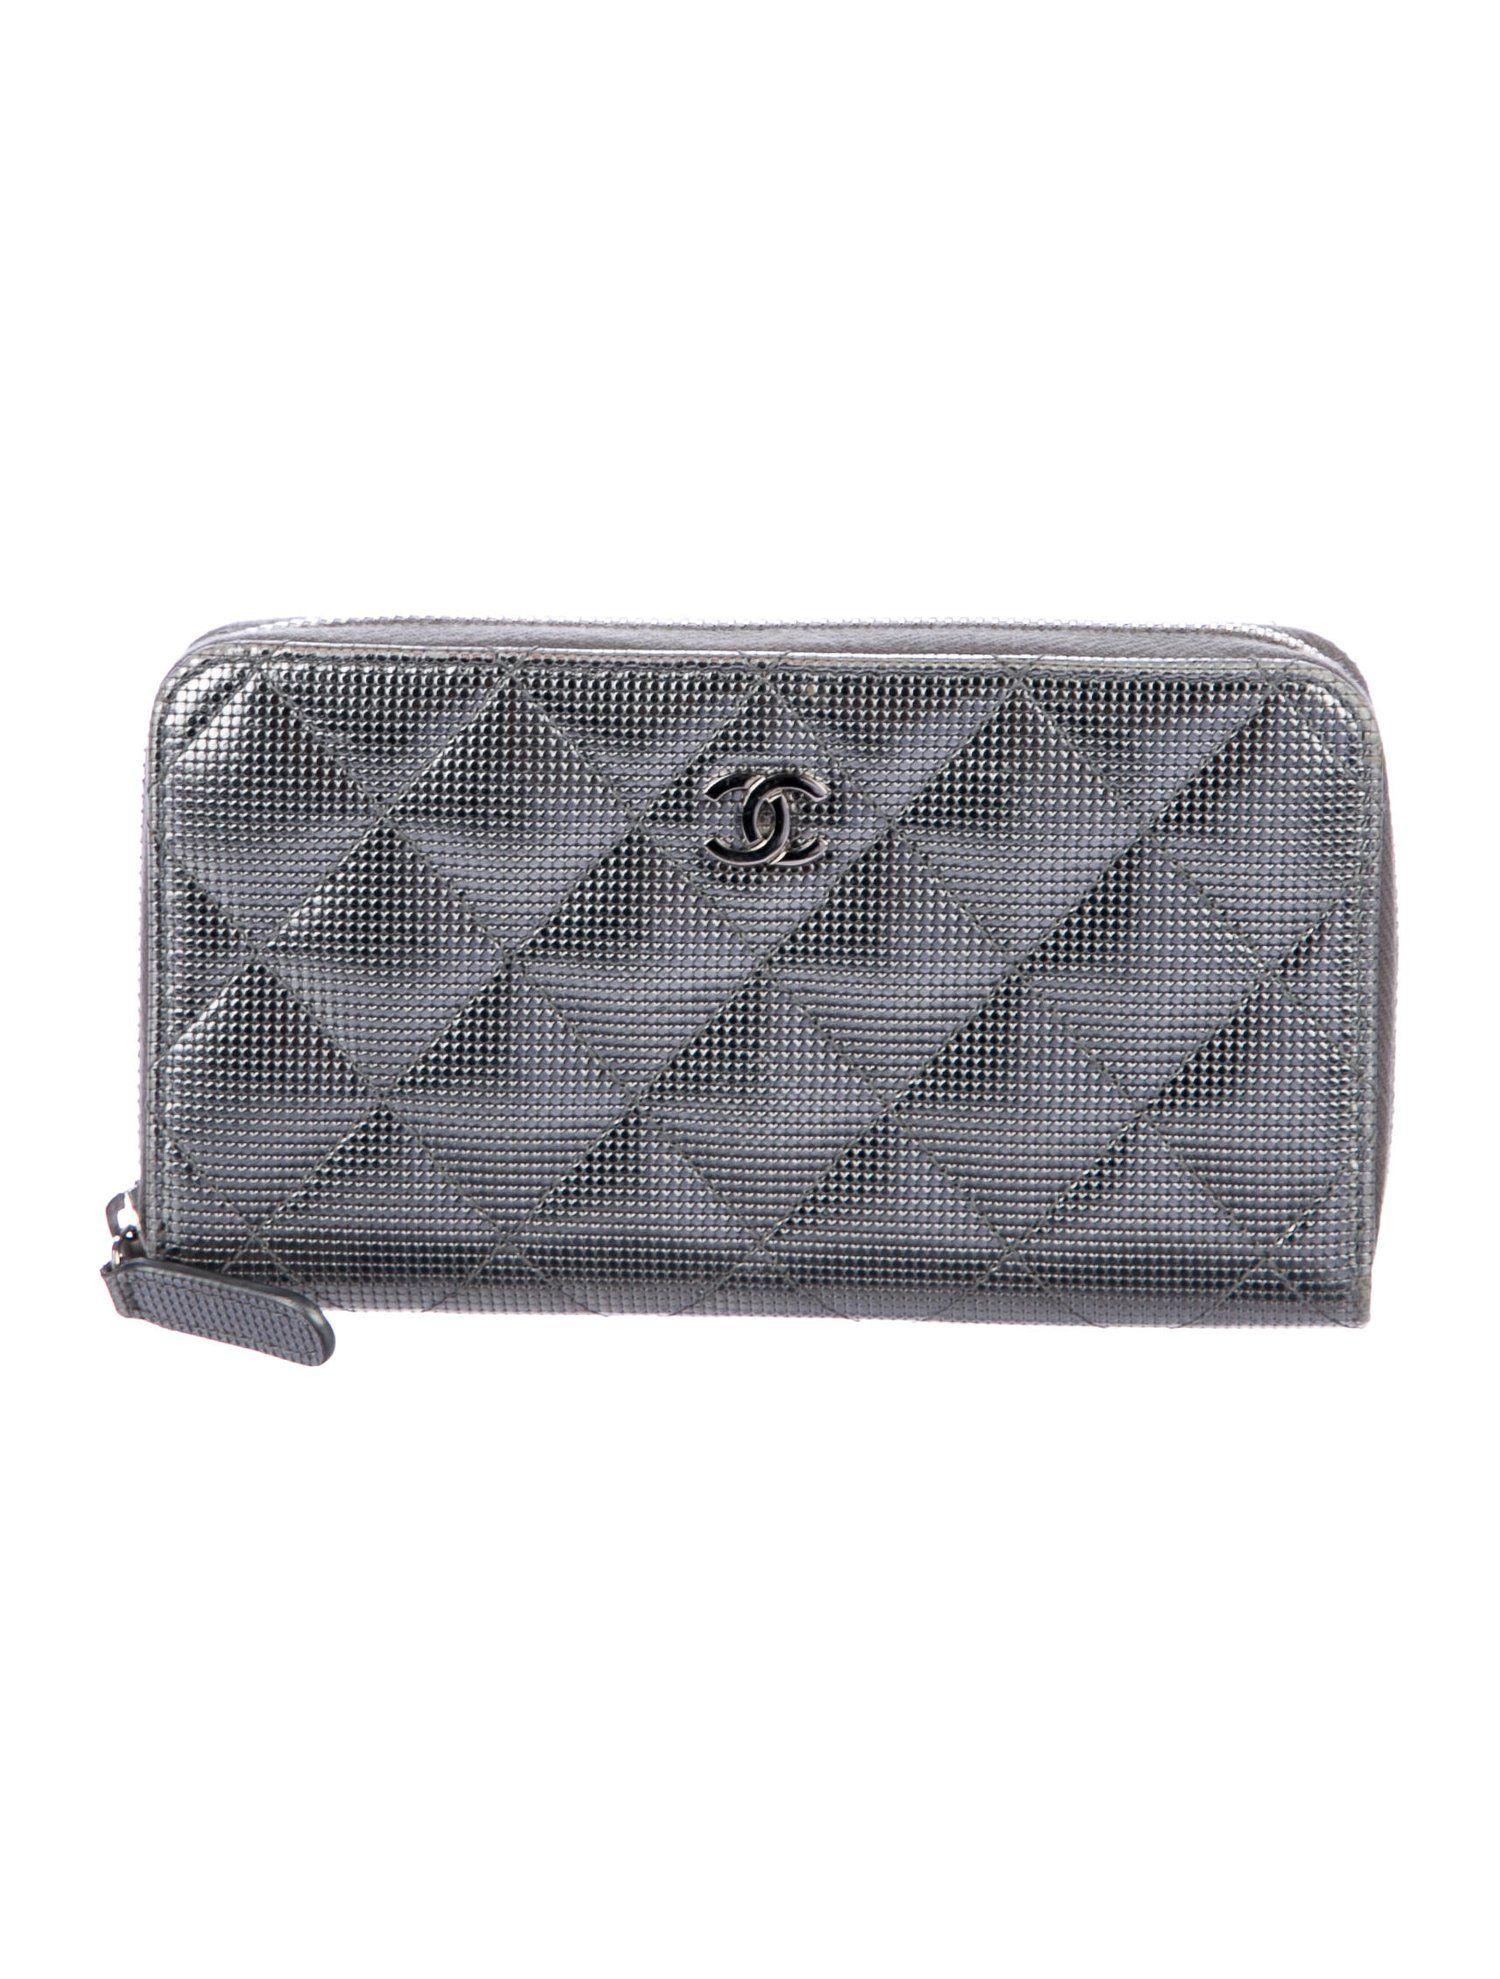 Chanel metallic zip wallet accessories cha269361 the